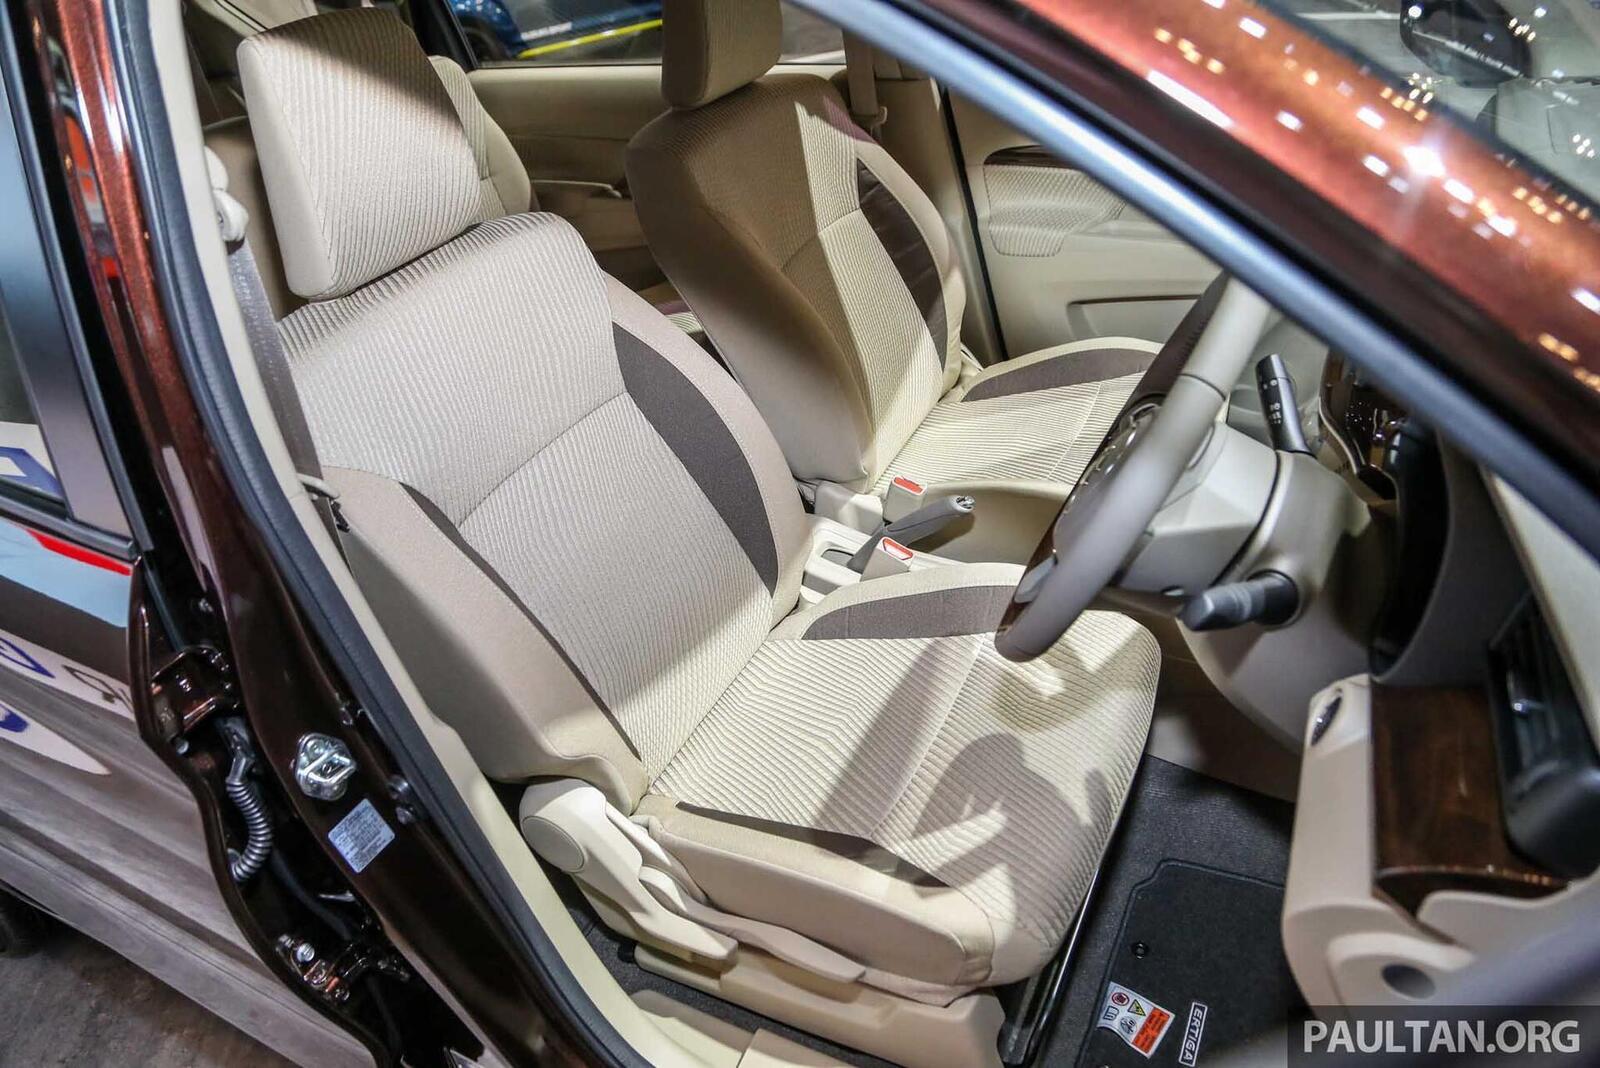 Suzuki Ertiga thế hệ sẽ về Việt Nam trong năm nay; cạnh tranh với Rush và Xpander - Hình 8